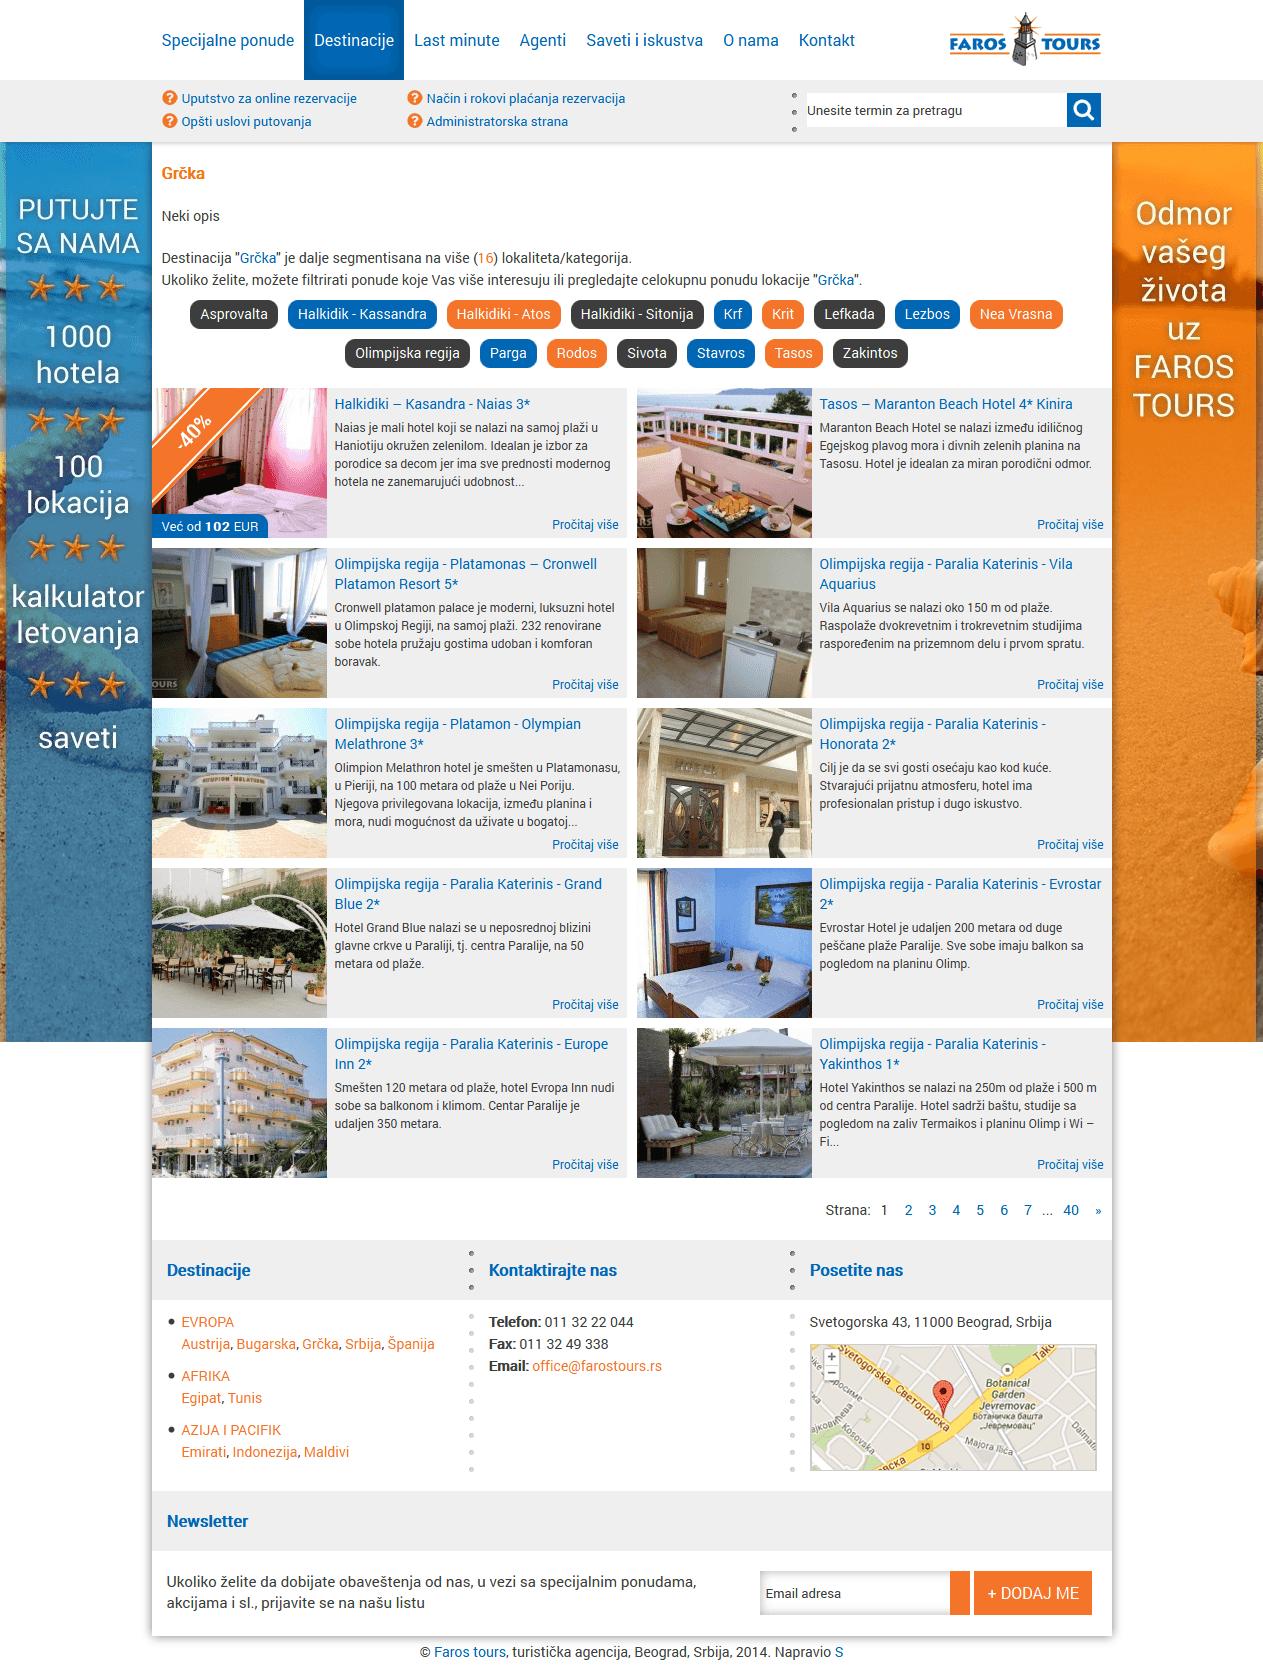 podspisak-hotela-lokacije